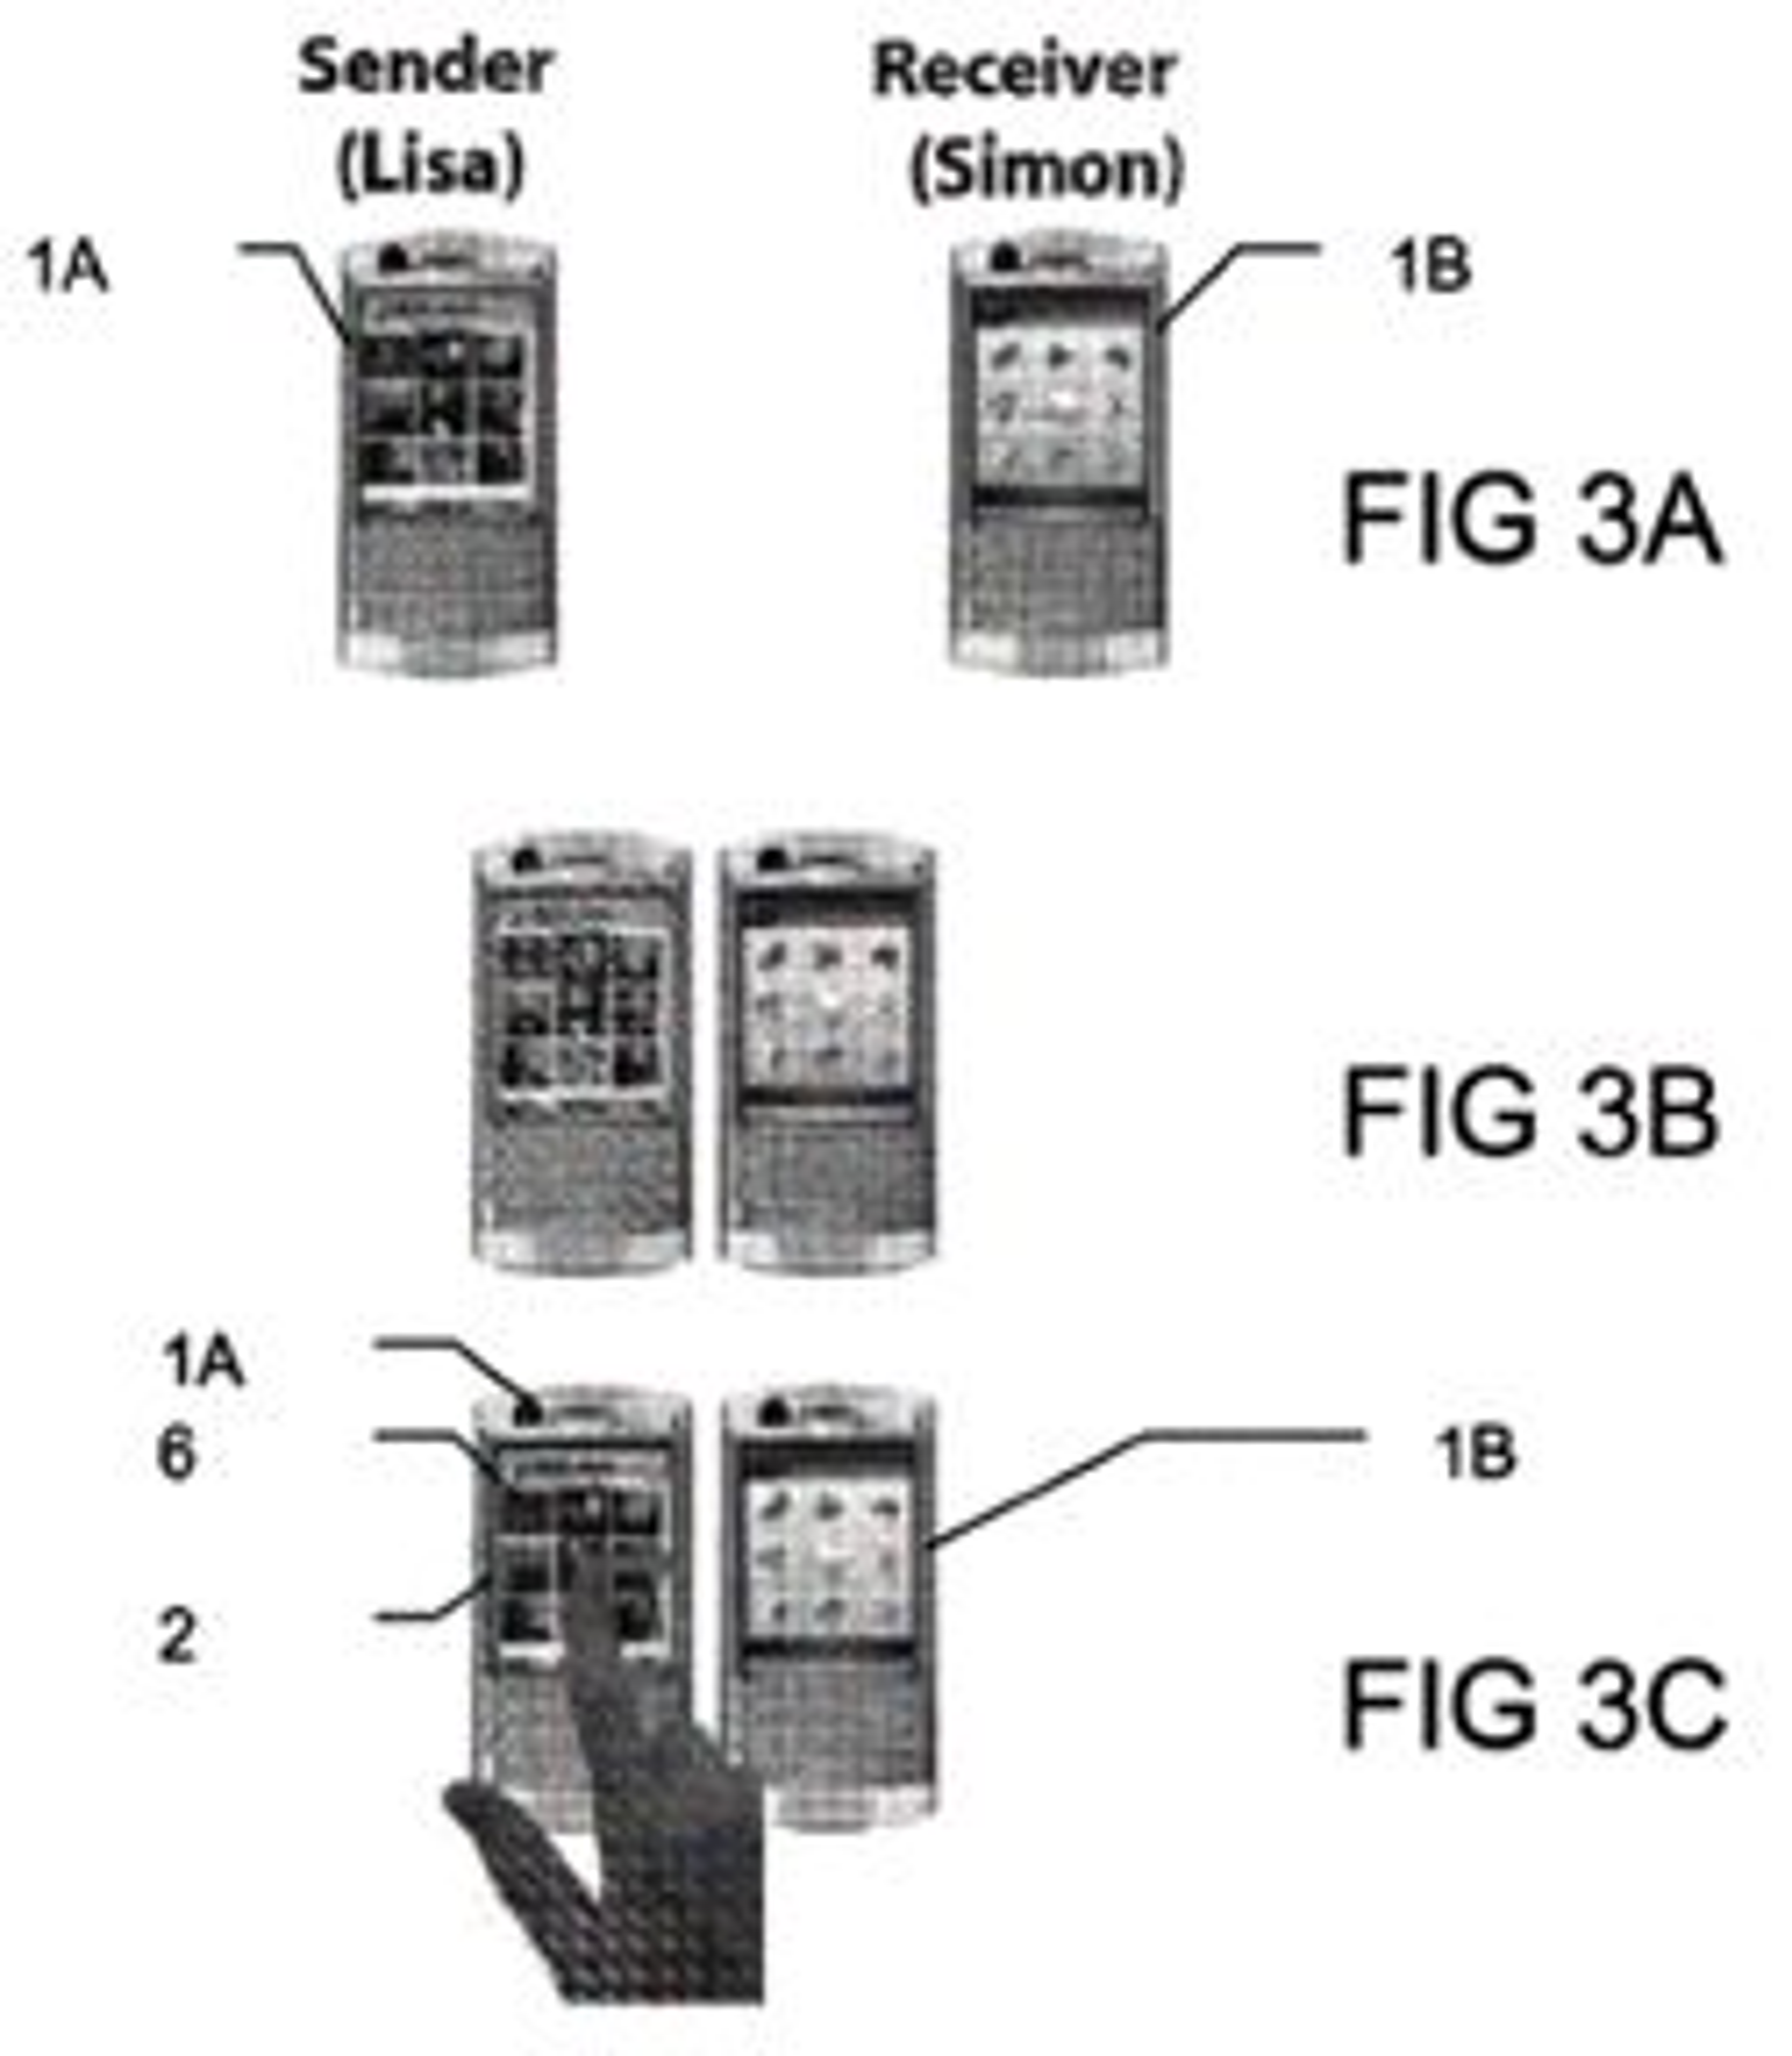 Slik vil Sony Ericsson overføre bilder. Klikk for større versjon. (Bilde: Sony Ericsson)